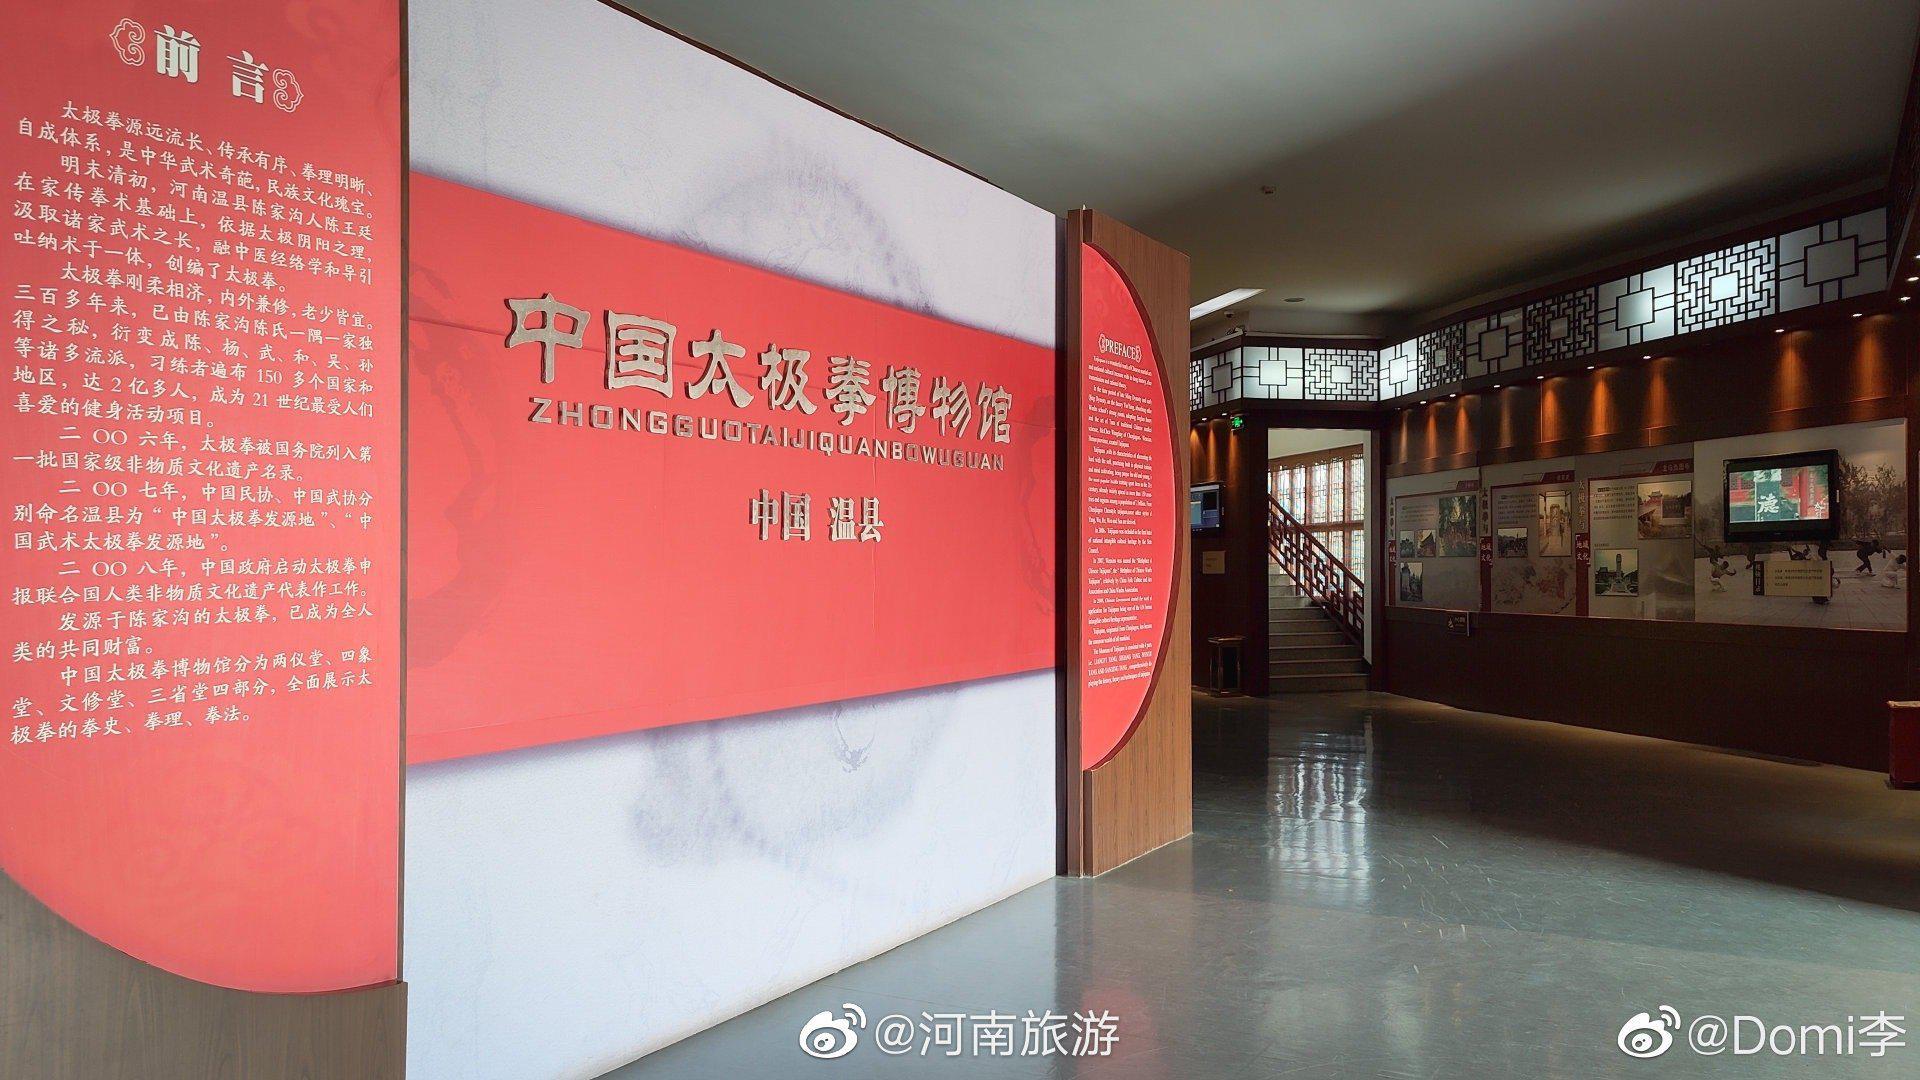 河南焦作温县陈家沟,充满着自己的故事,向大家诉说曾经的历史!